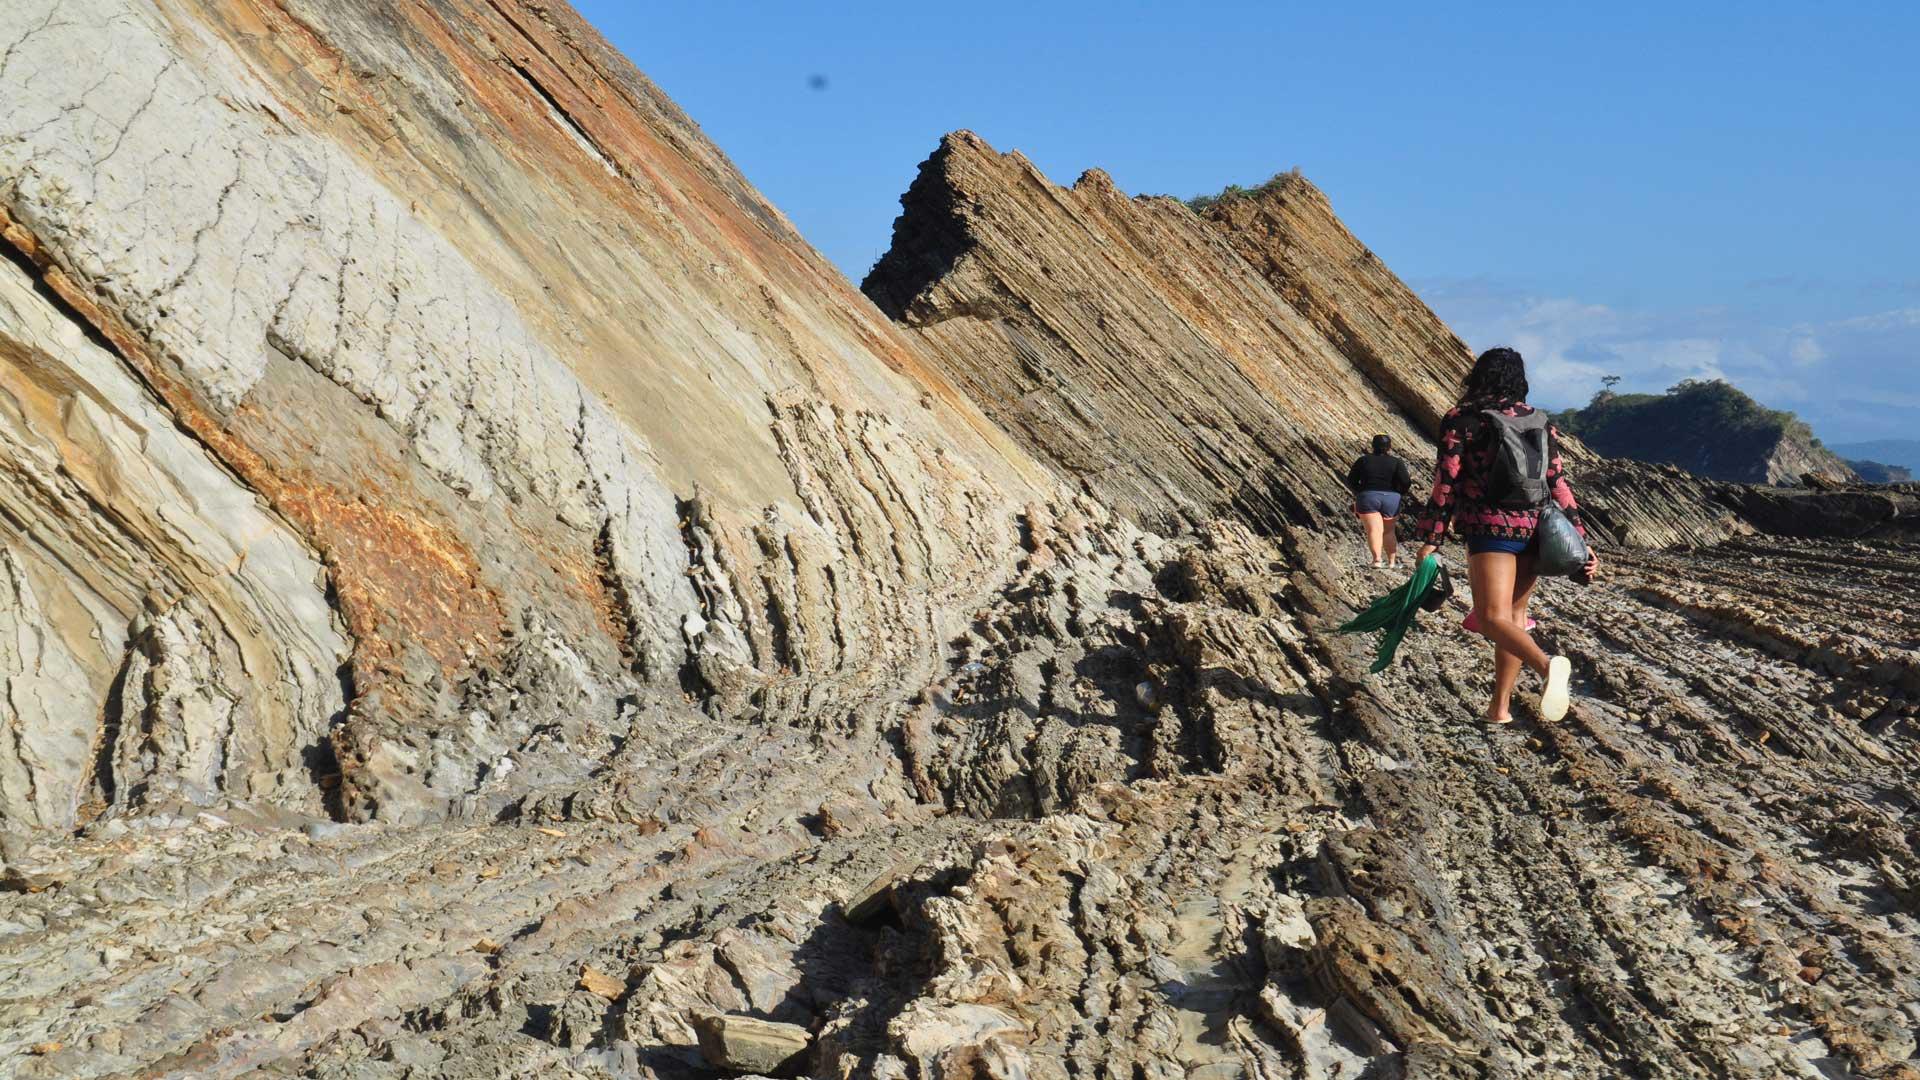 Formaciones de rocas en láminas en el Ostional.